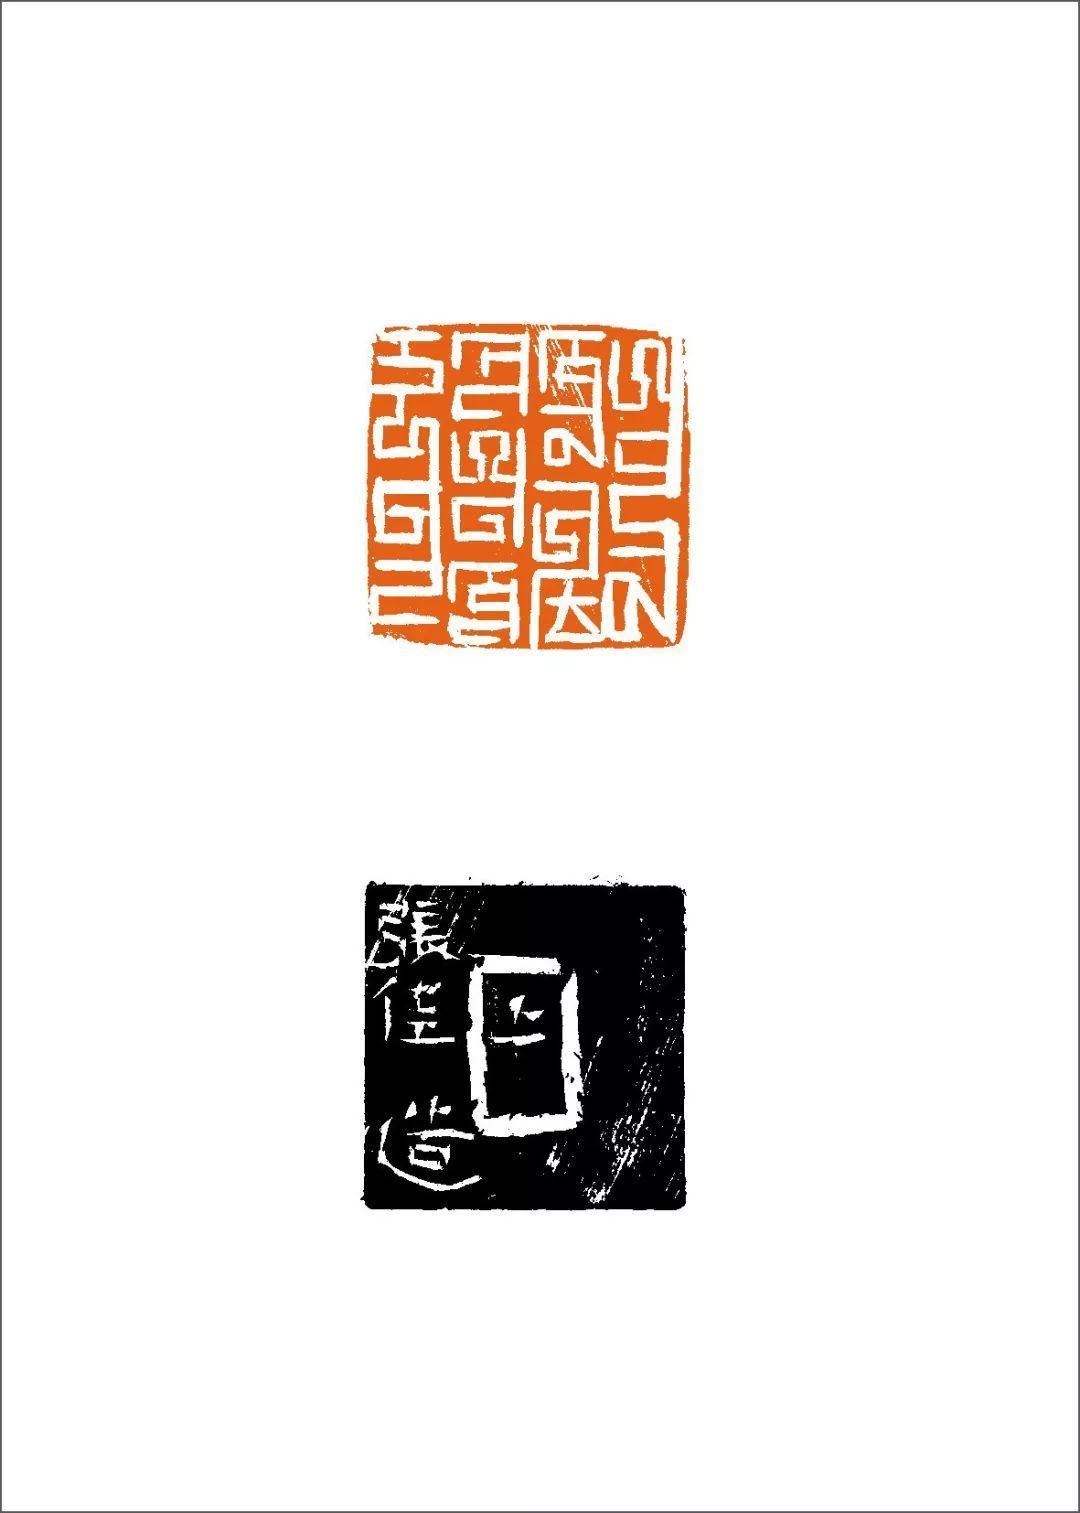 篆刻丛谈:八思巴文篆刻原石赏析 第66张